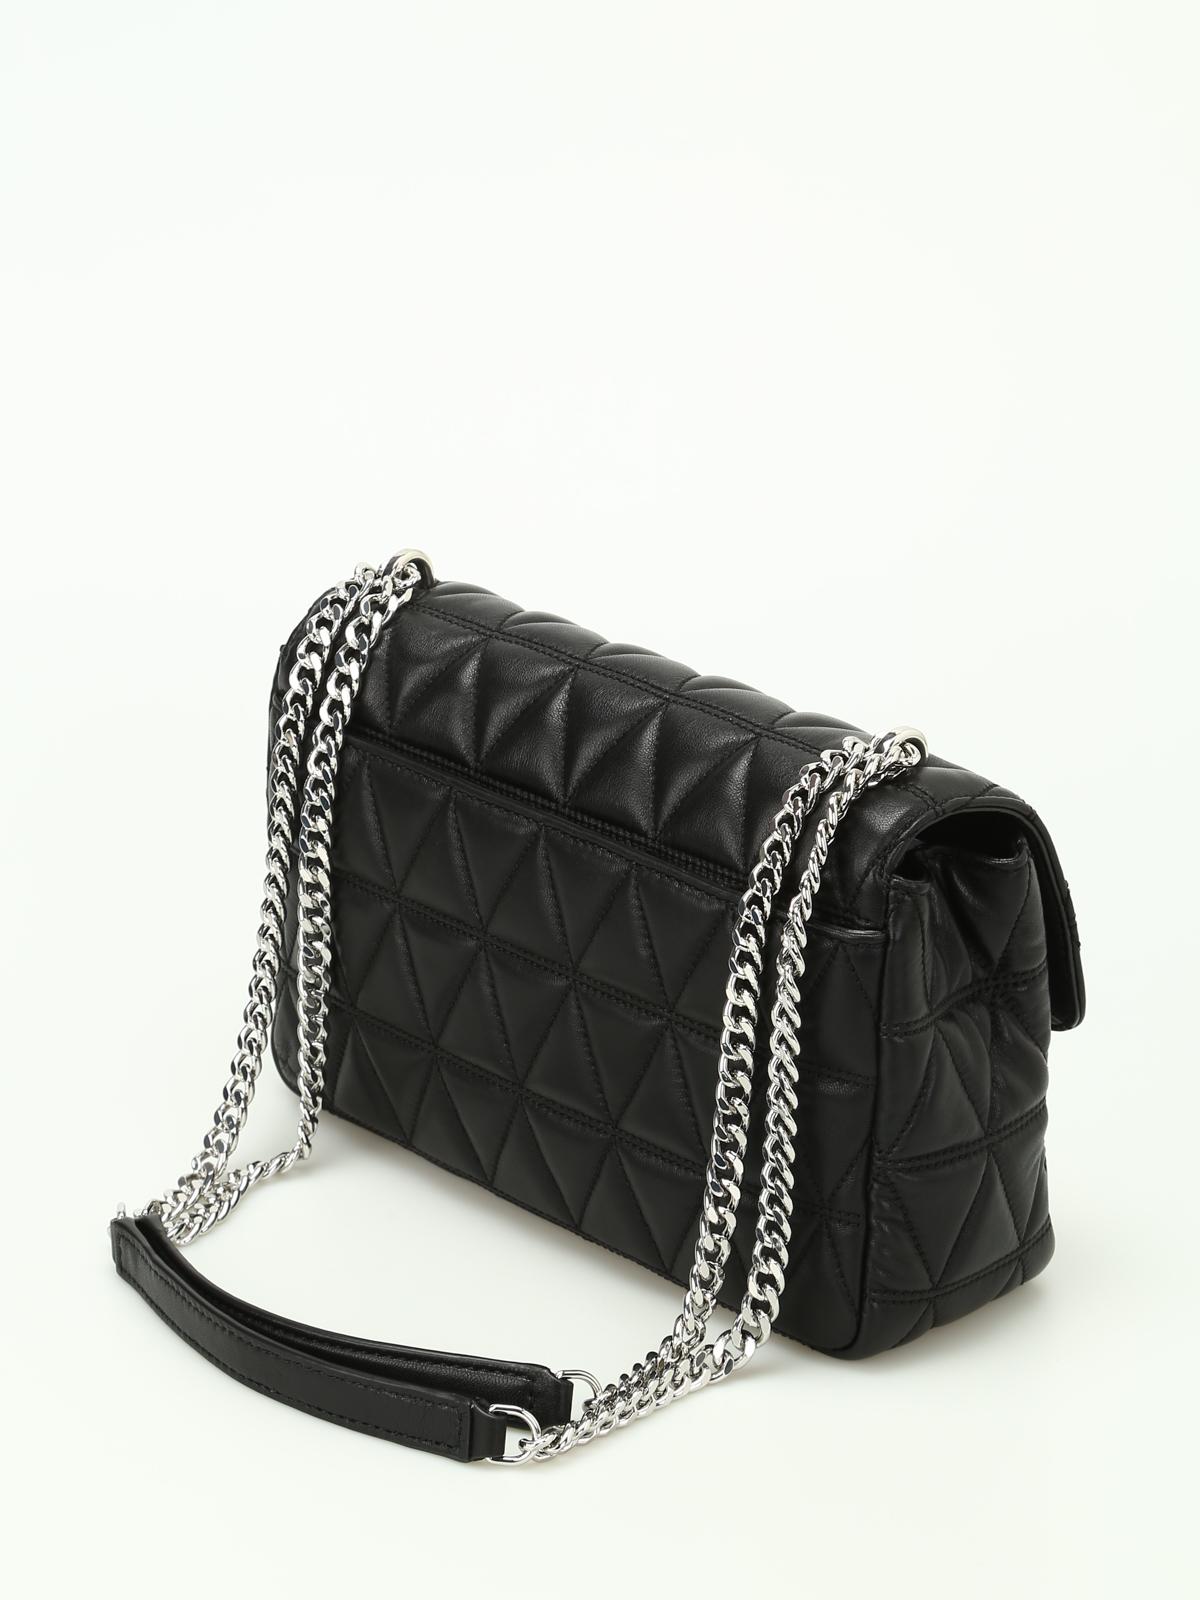 90af952b8671 iKRIX MICHAEL KORS: shoulder bags - Sloan large quilted shoulder bag